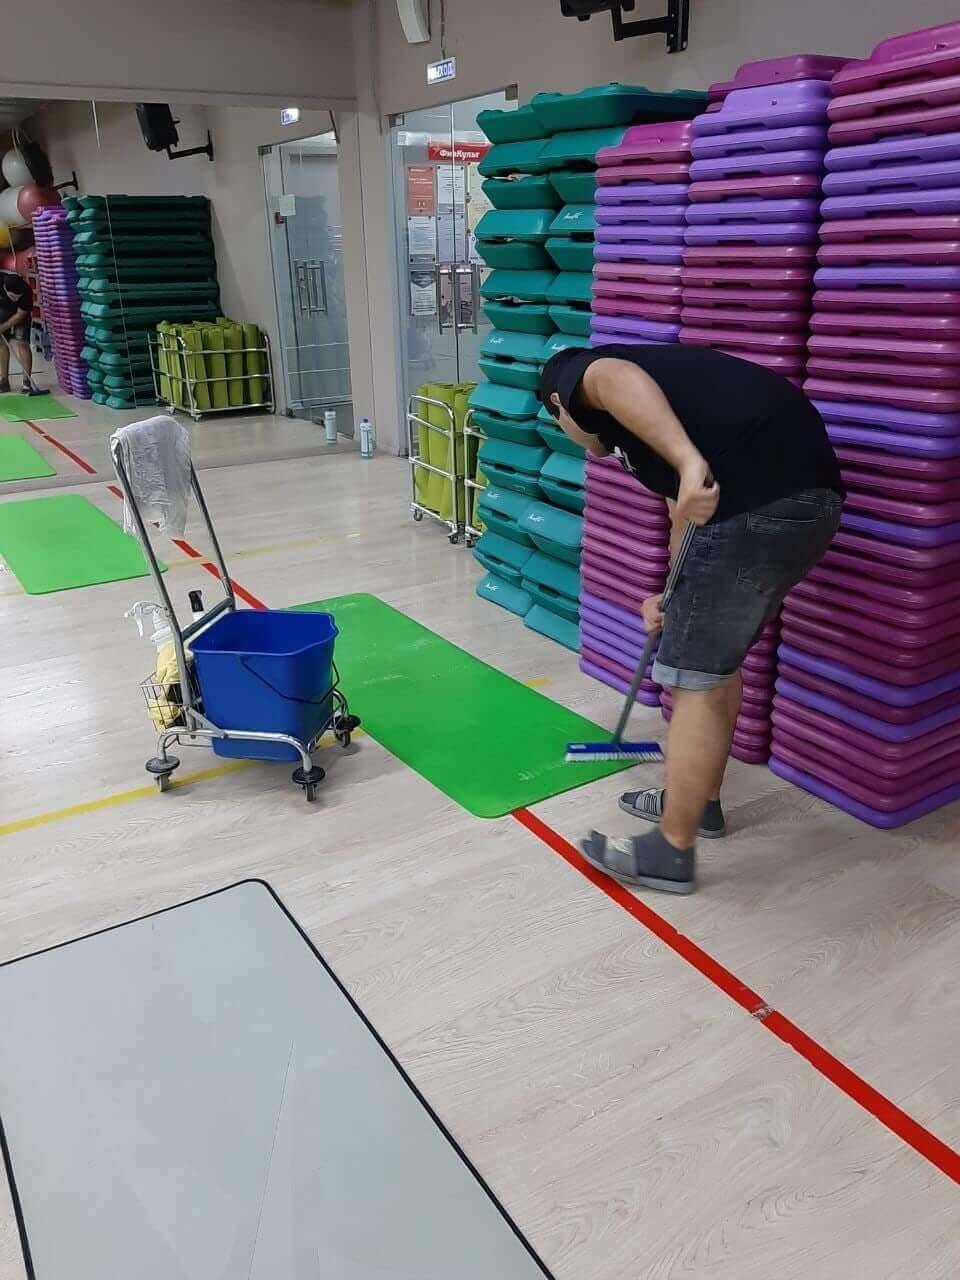 Уборщик моет зеленый мат в зале